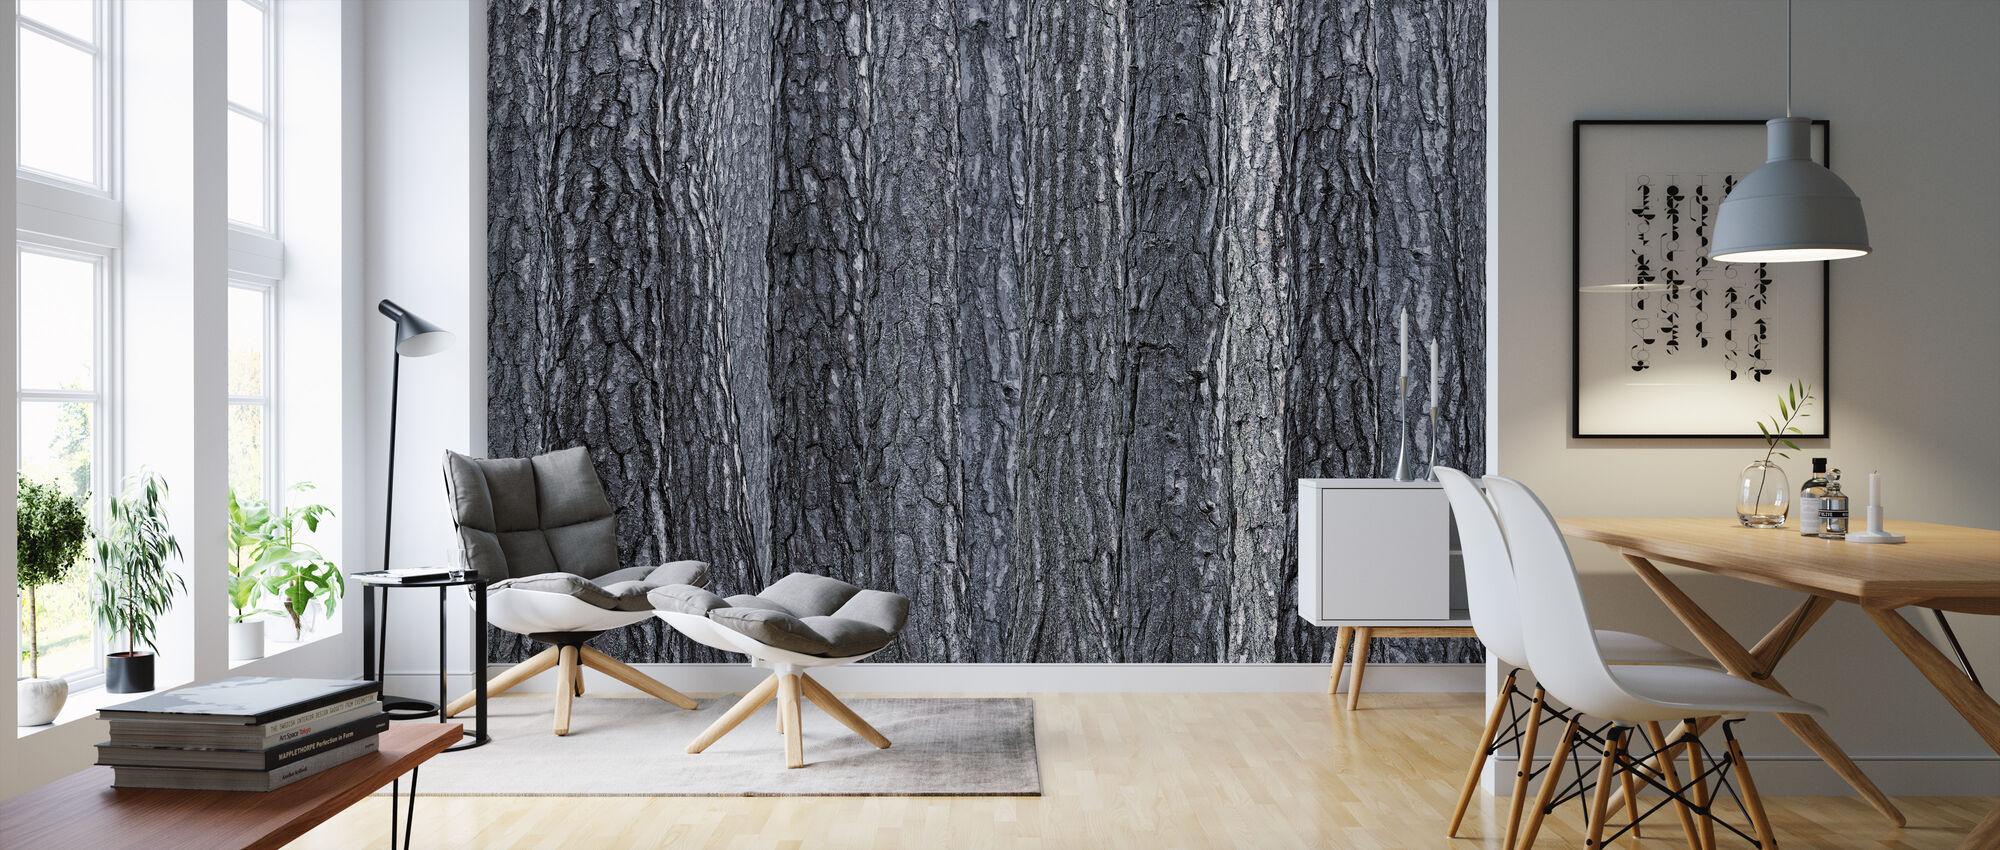 Black Blue Bark - Wallpaper - Living Room